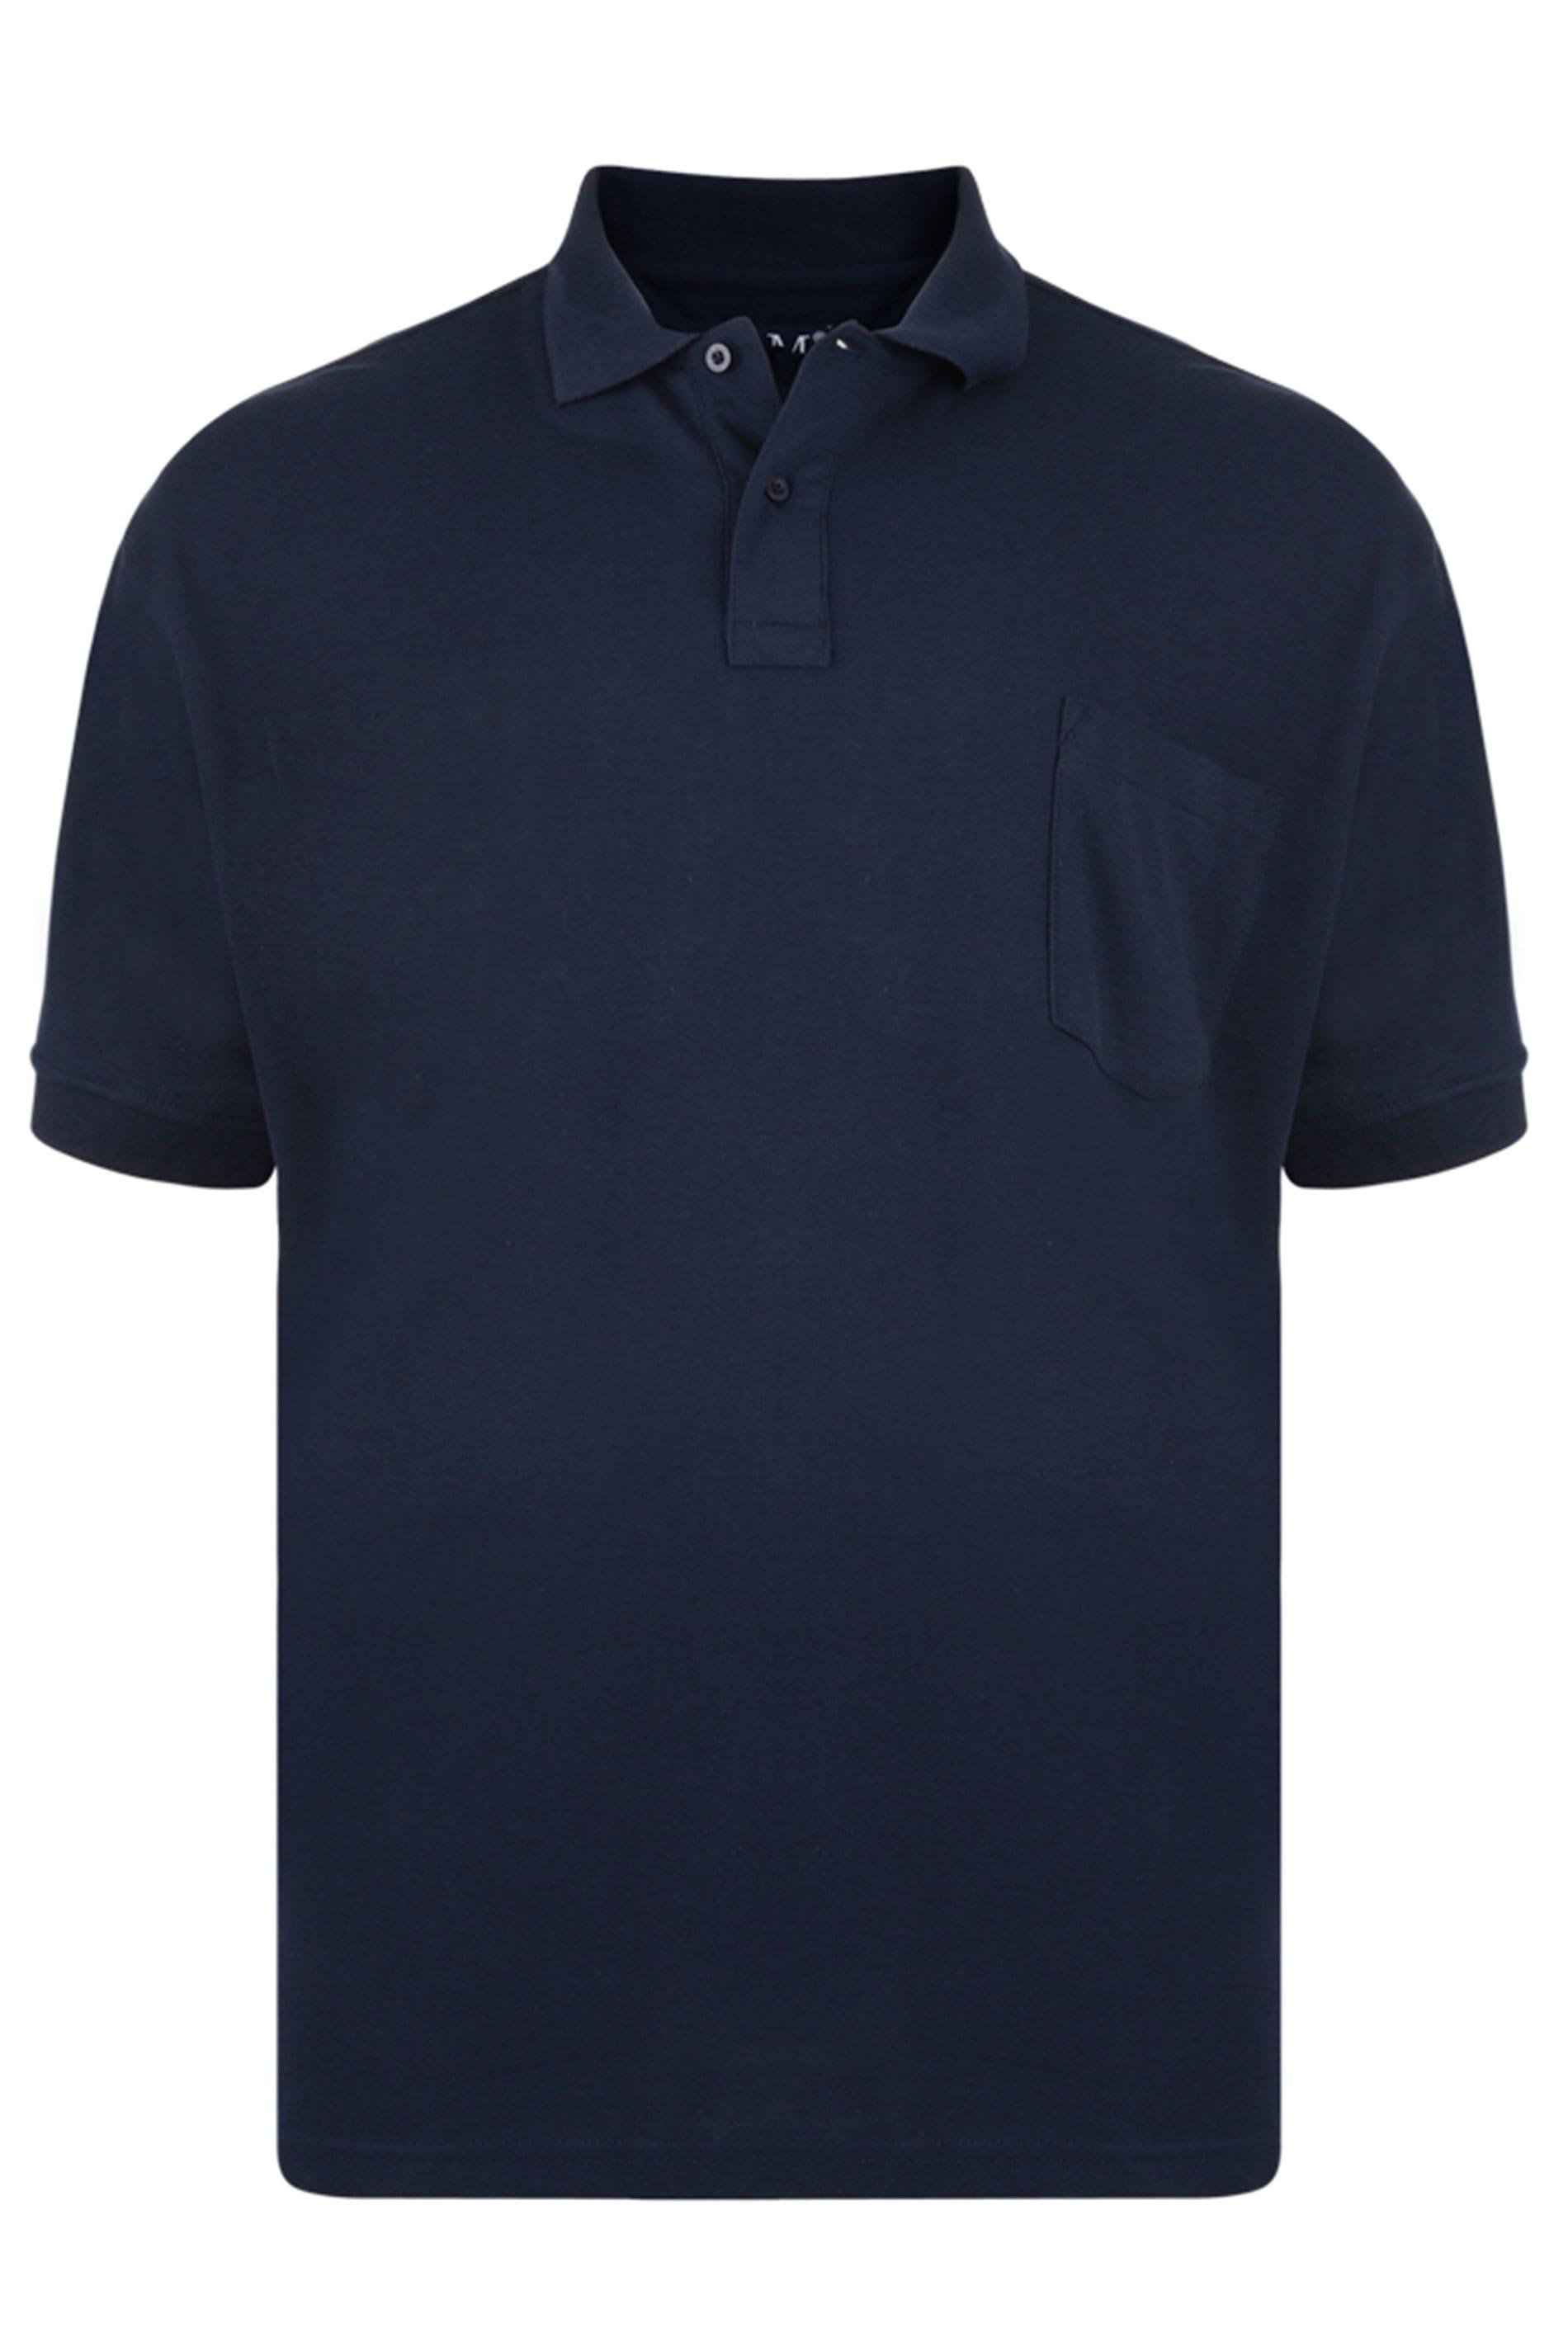 KAM Dark Navy Pocket Polo Shirt_94b0.jpg